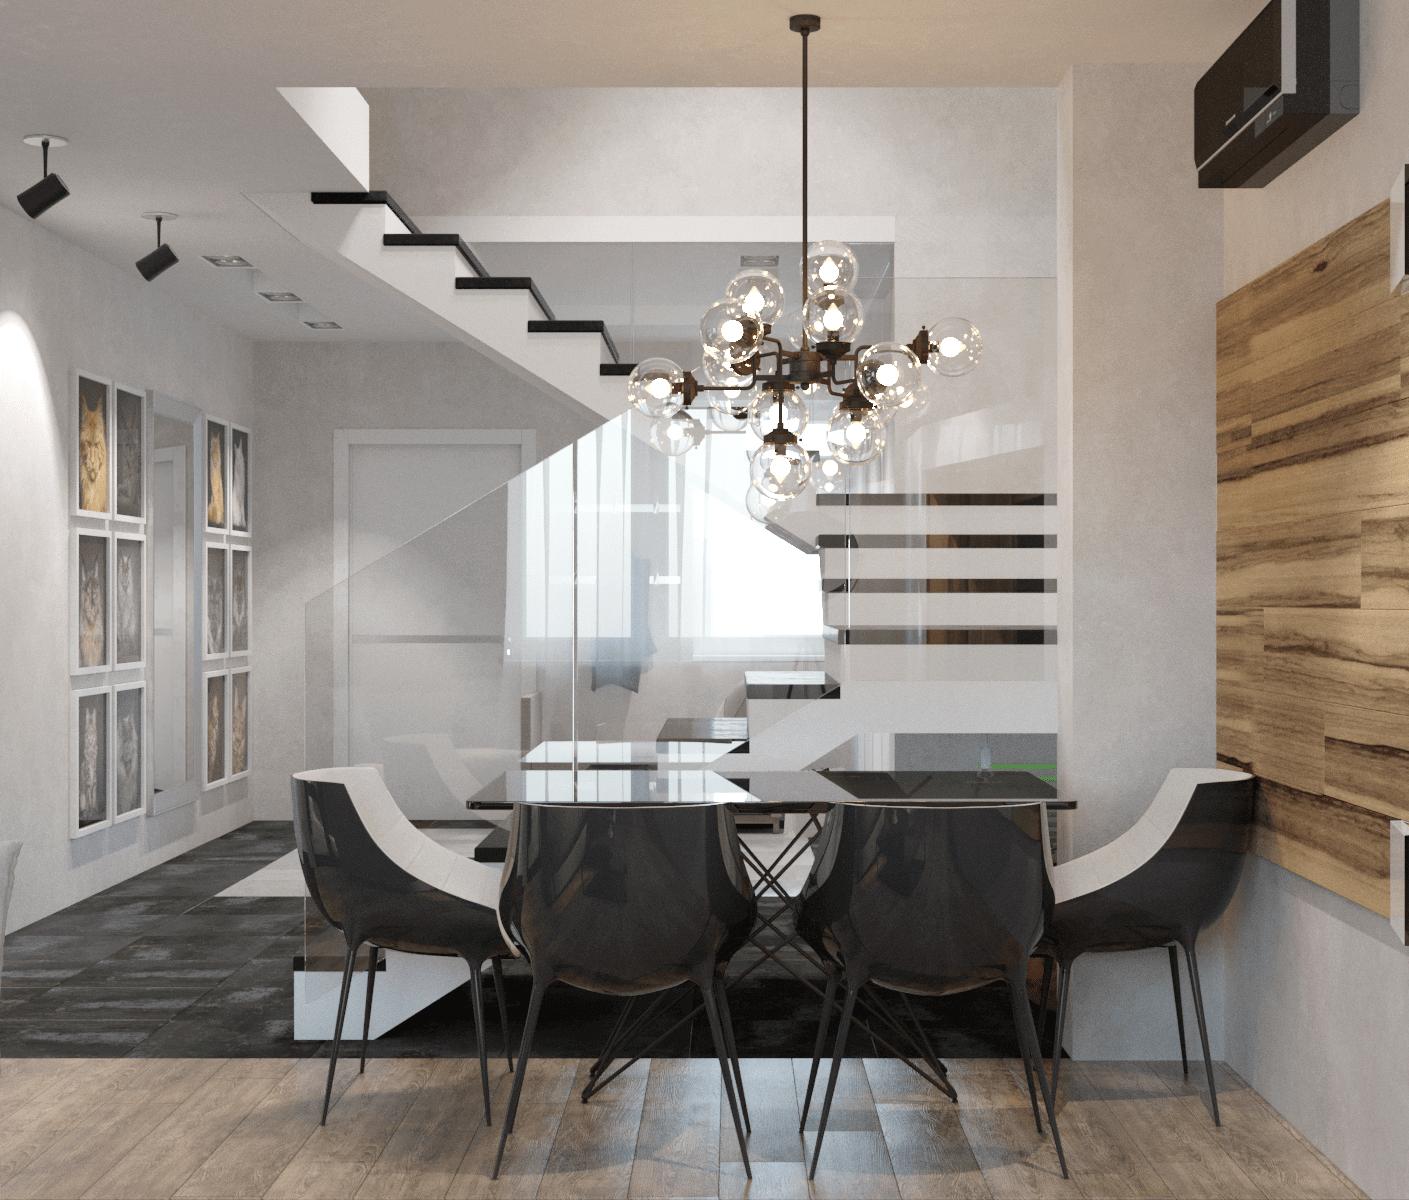 Дизайн просторной столовой зоны в доме